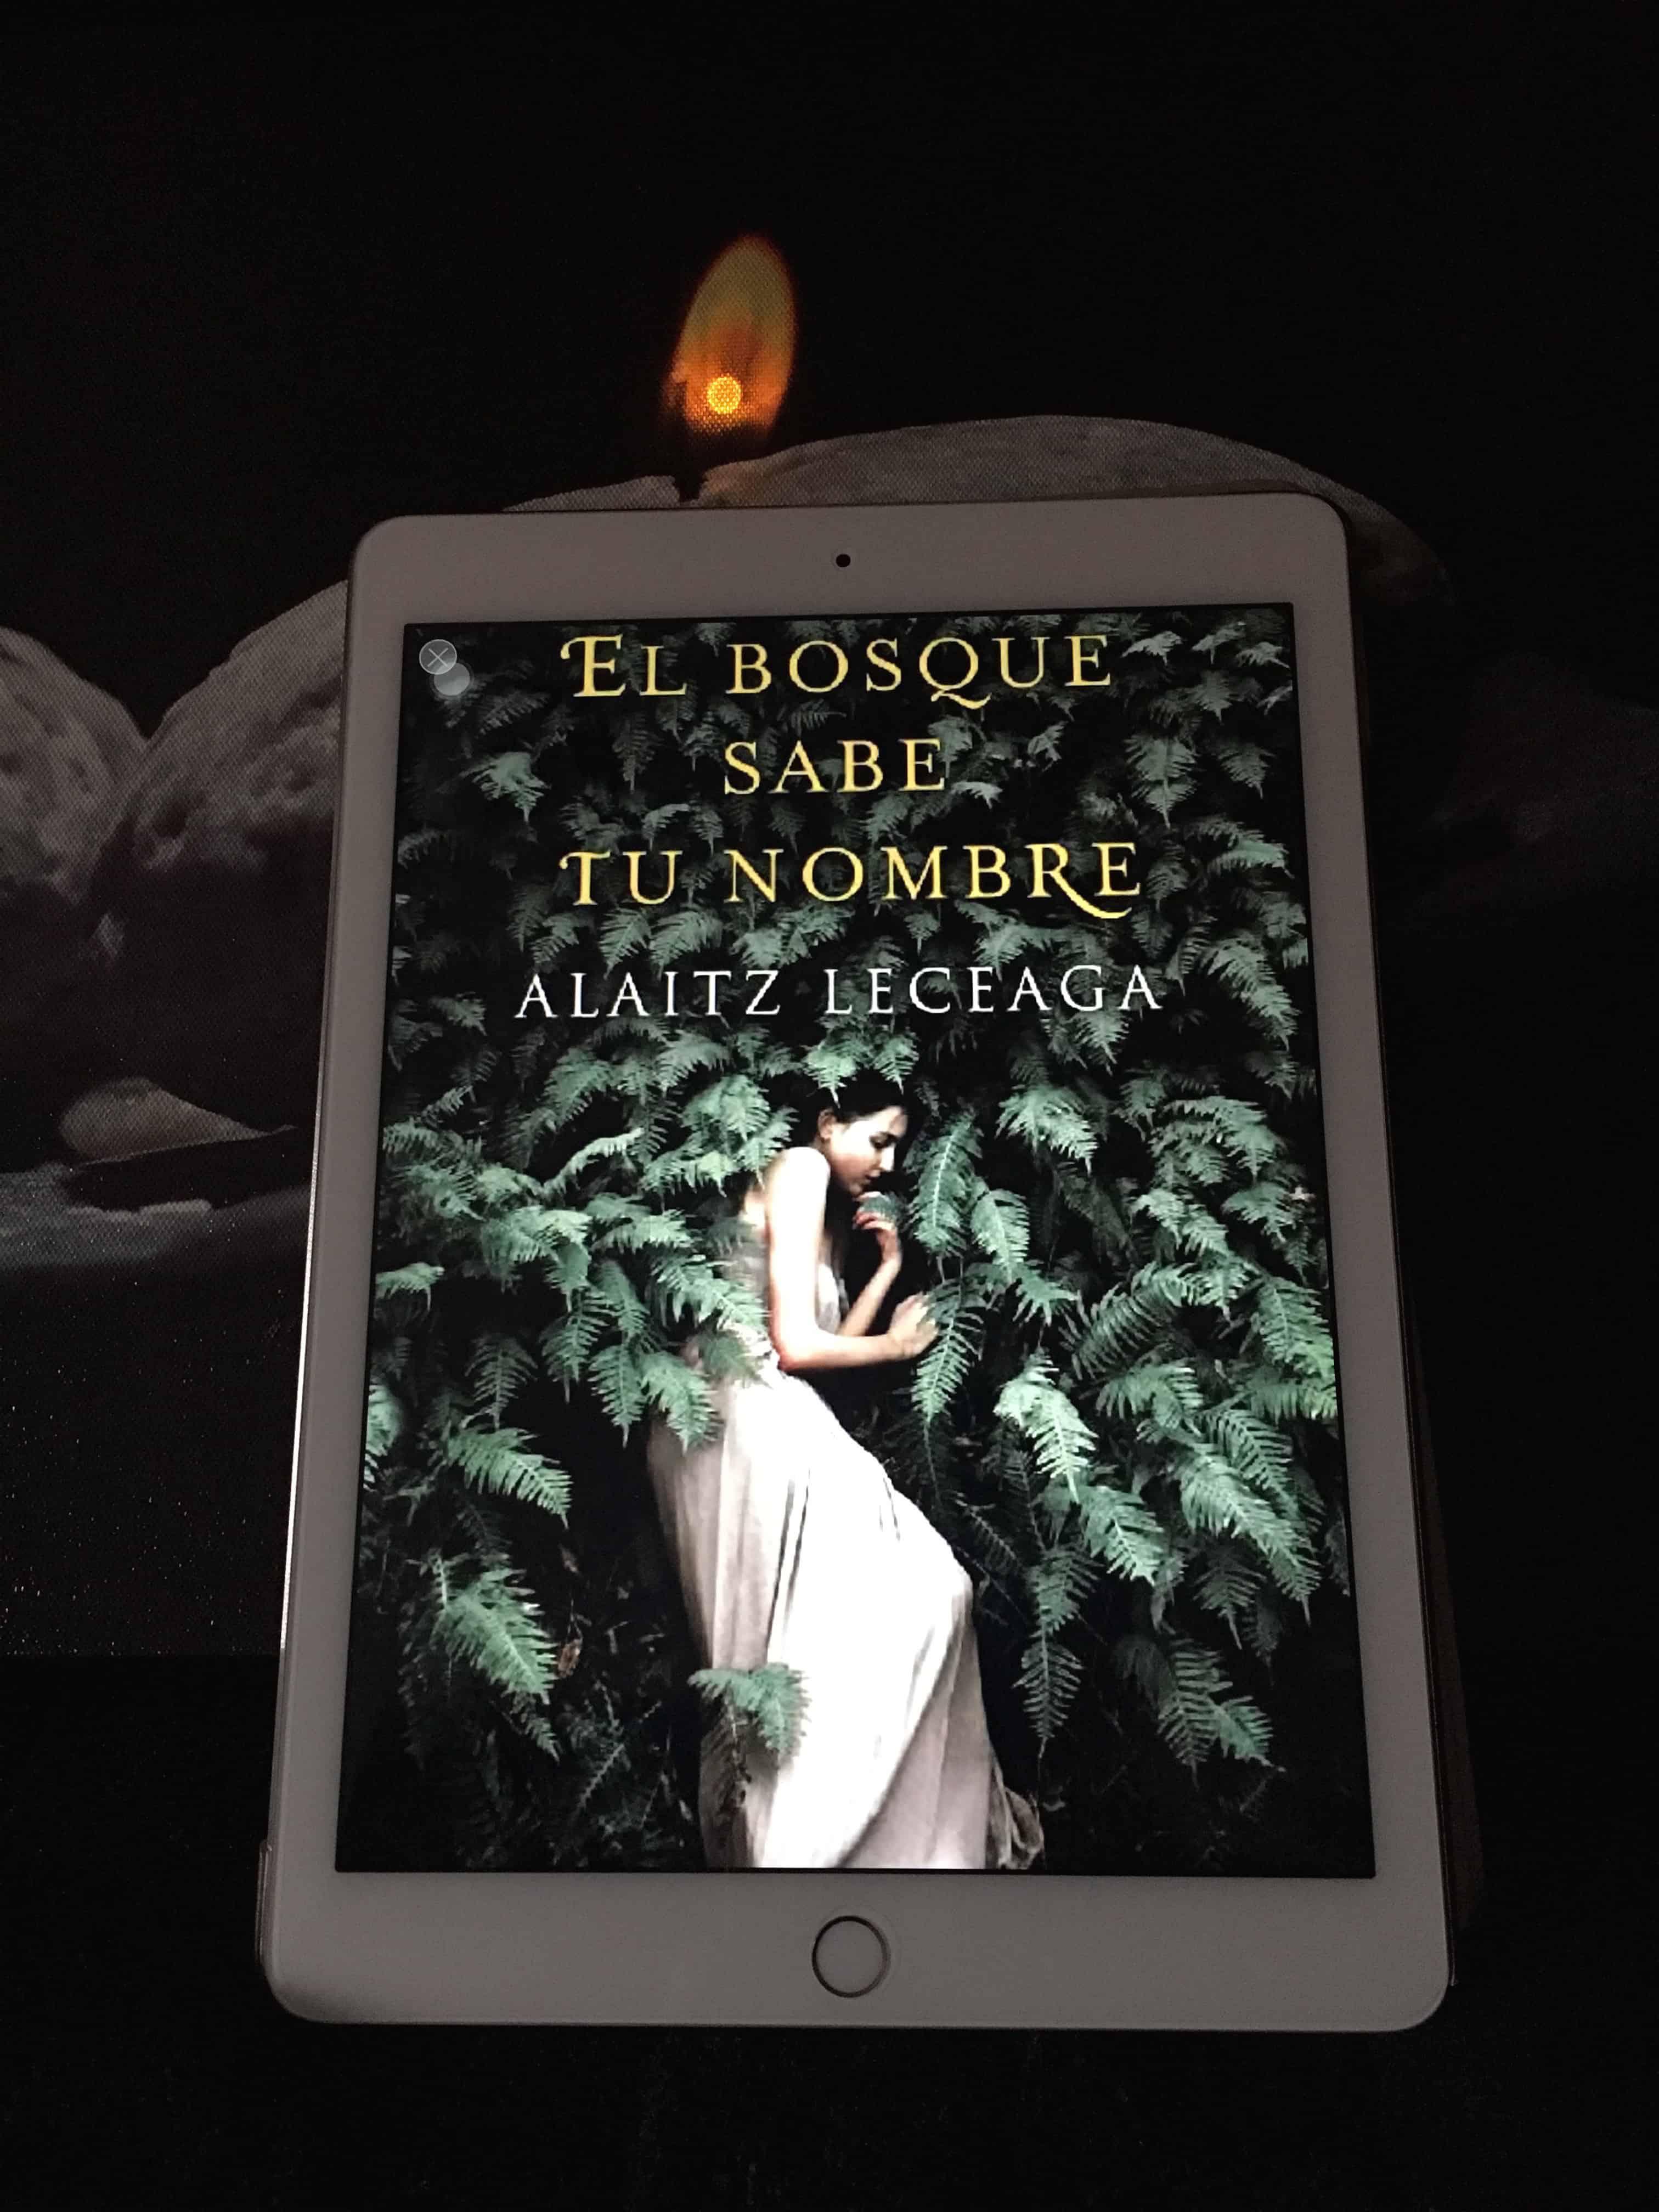 EL BOSQUE SABE TU NOMBRE, de Alaitz Leceaga.